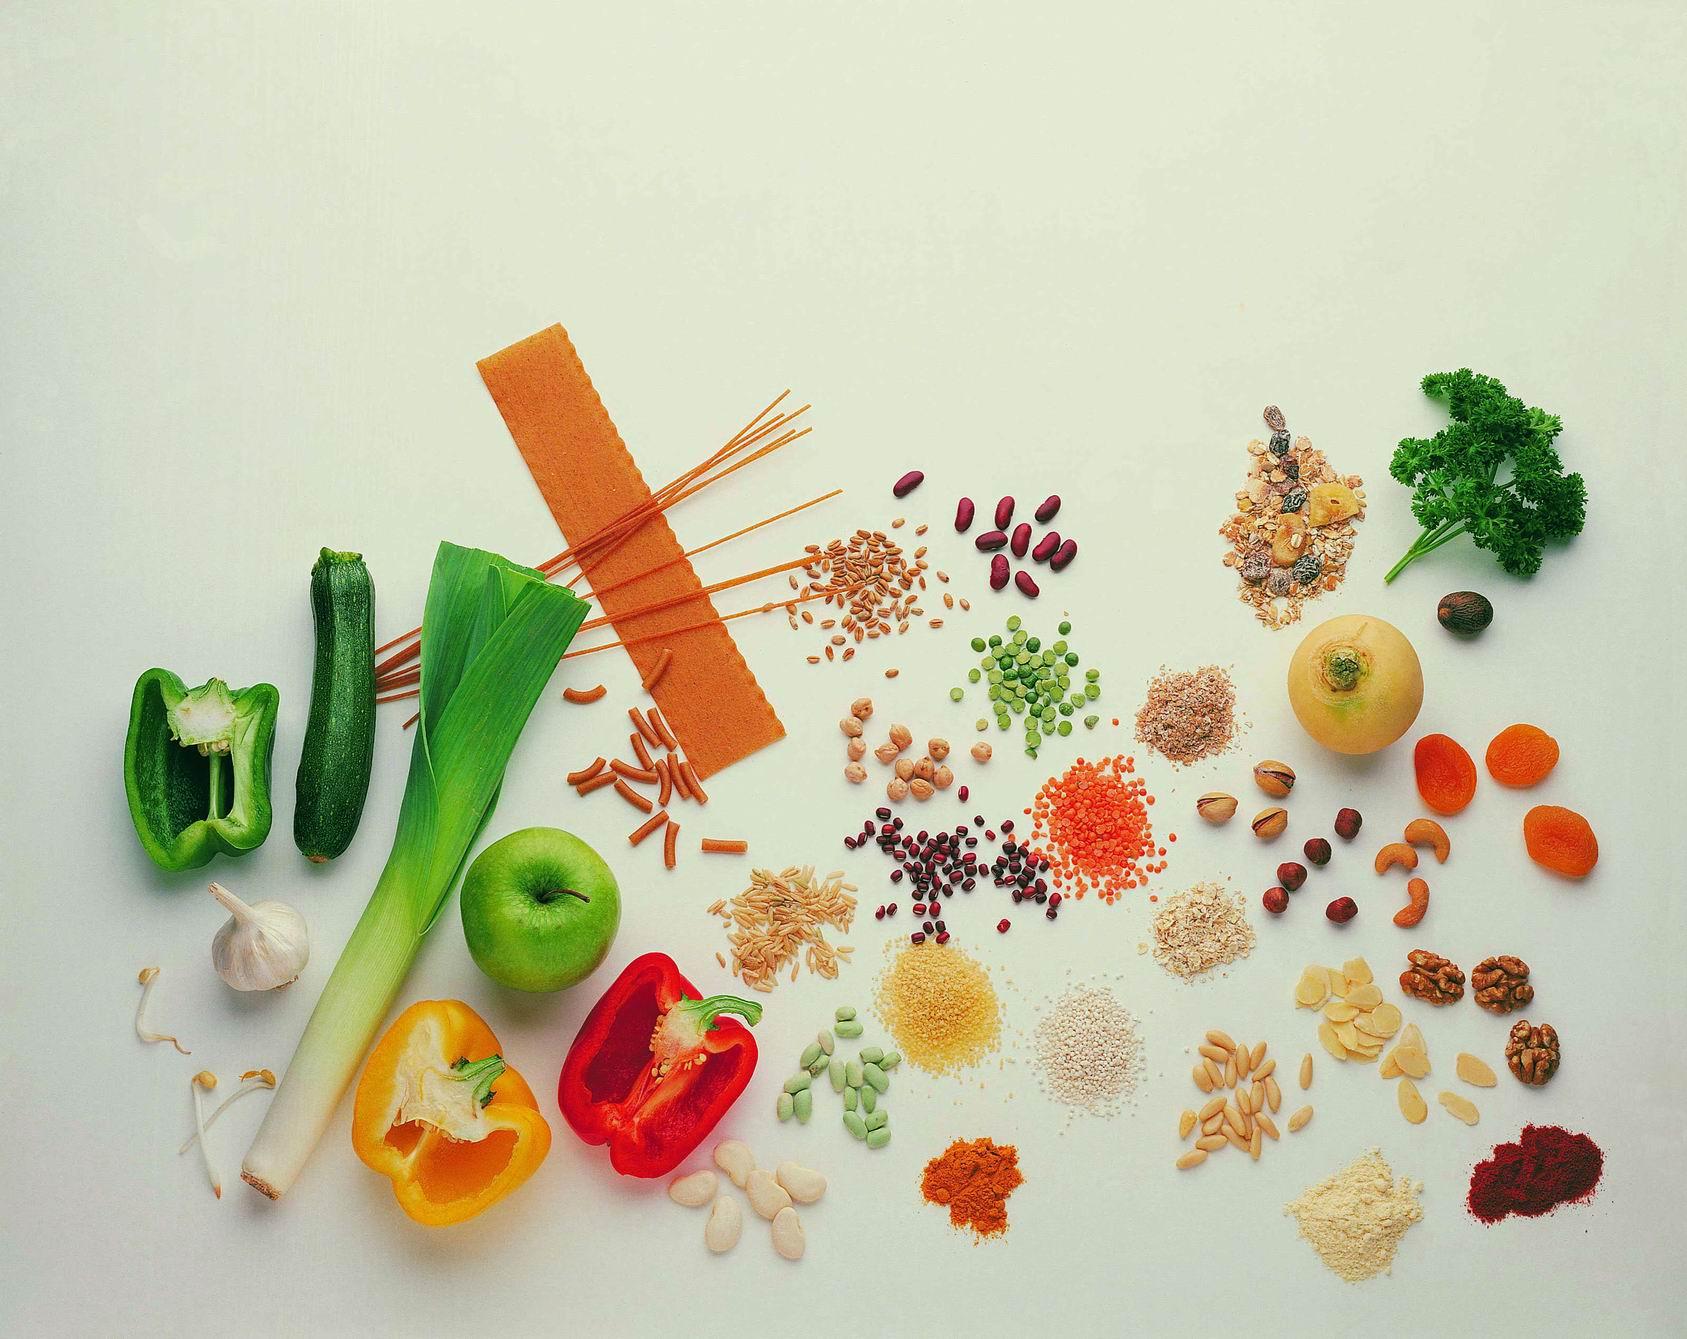 【健康】食补功效很强大的八种食物